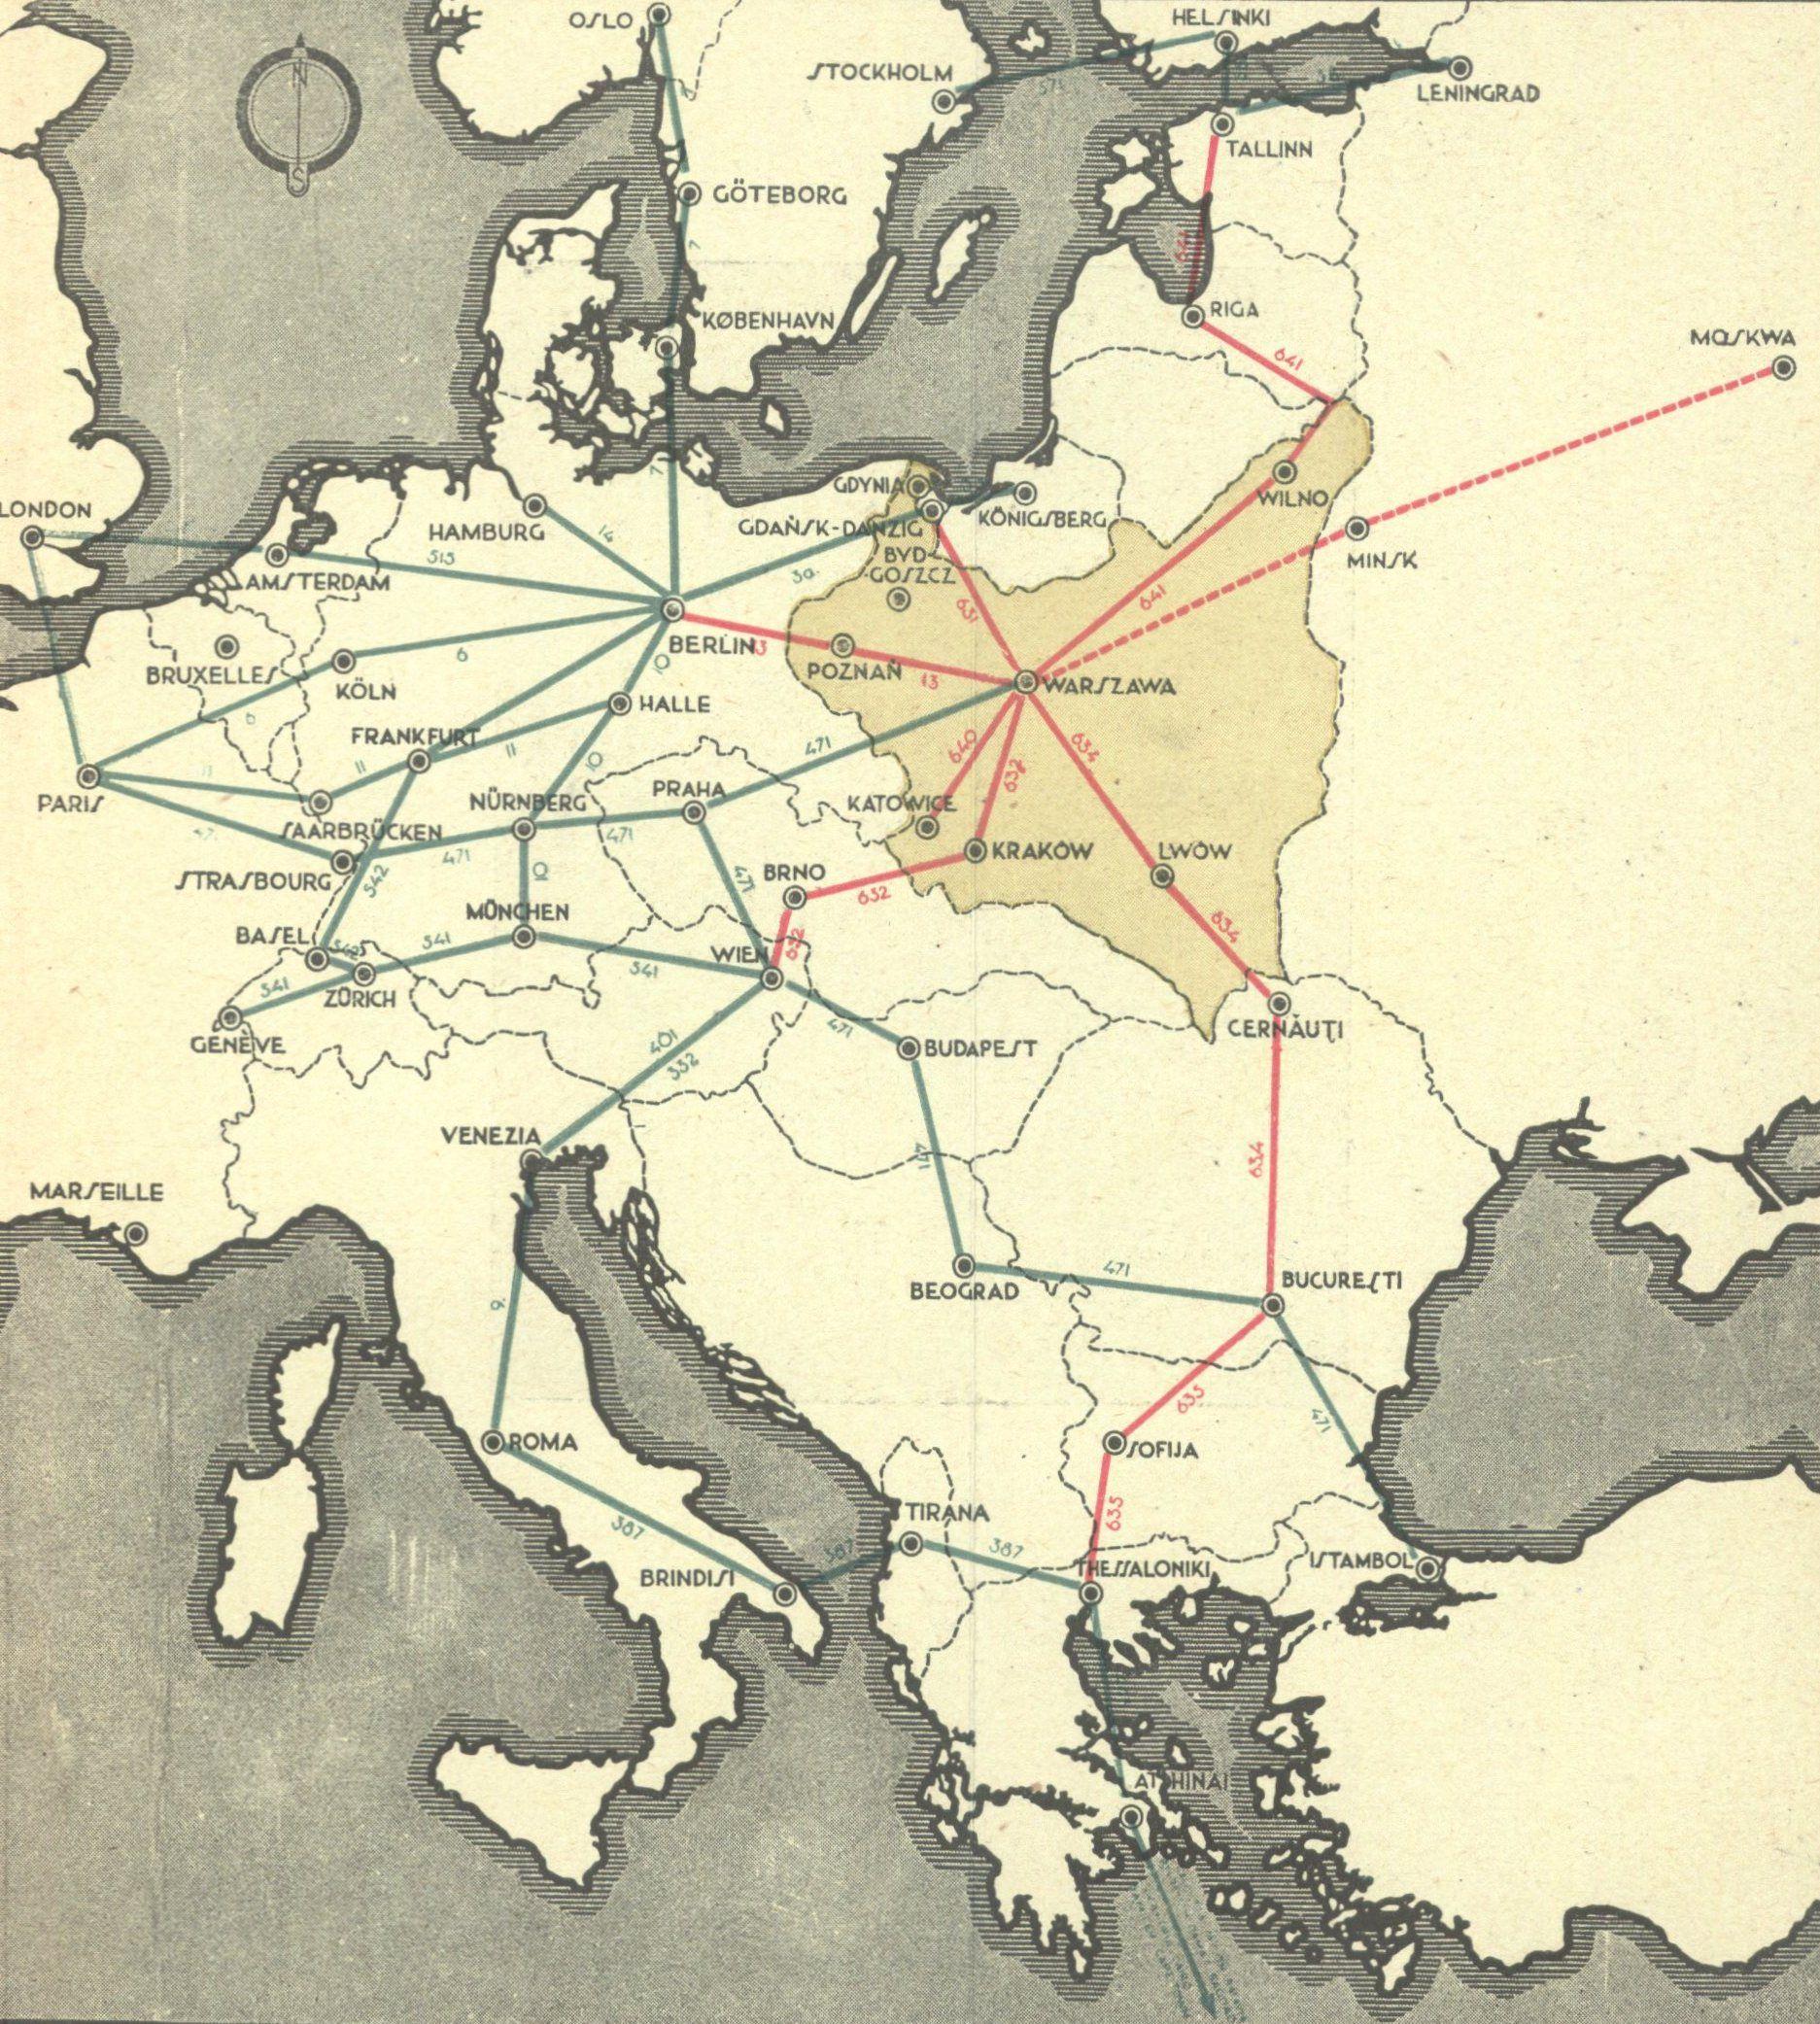 Mapa połączeń lotniczych z 1934 roku. Kolorem czerwonym te obsługiwane przez LOT.